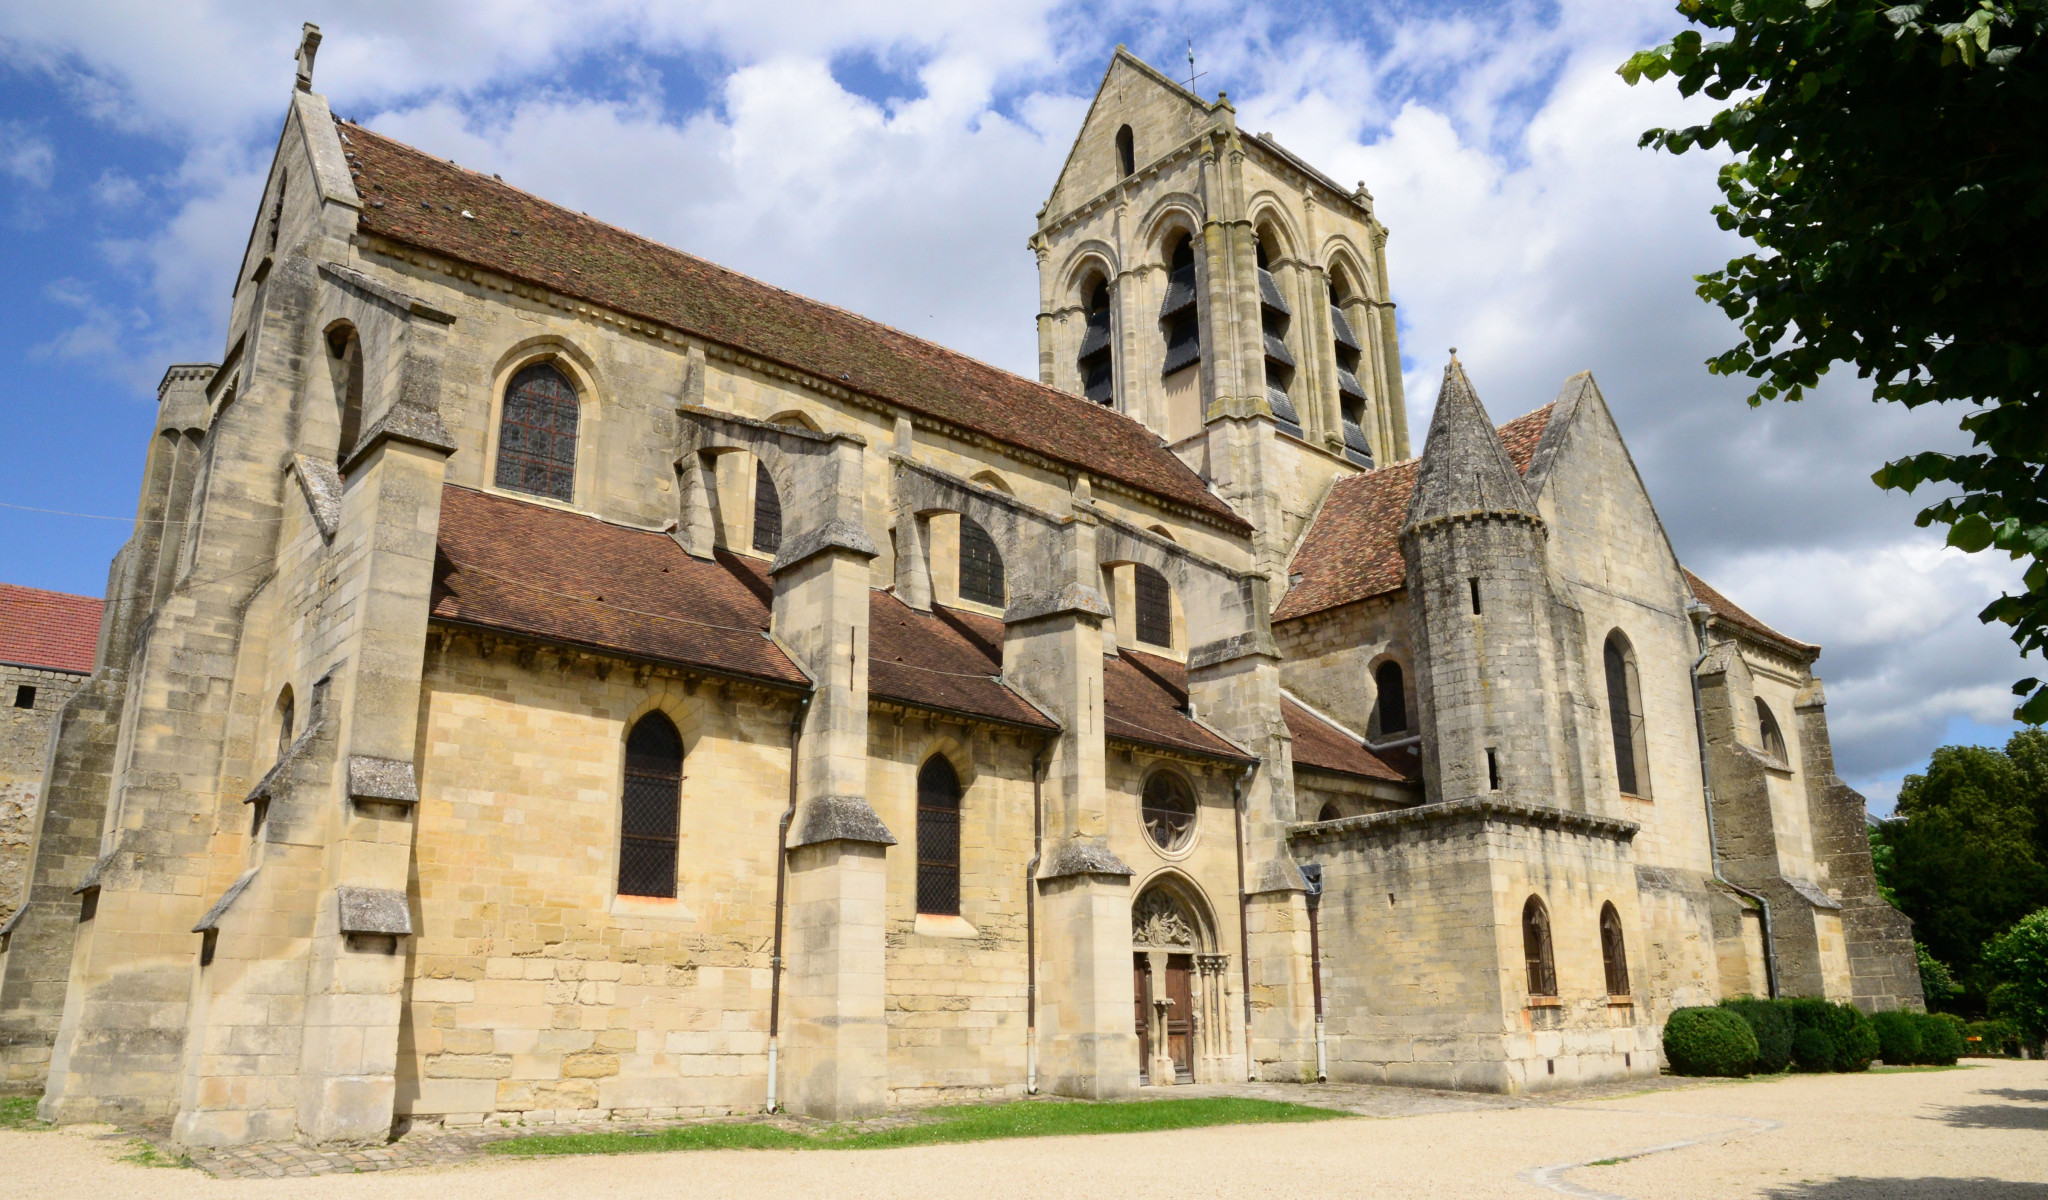 L'église Notre-Dame de l'Assomption d'Auvers-sur- Oise © Pack-Shot-Shutterstock